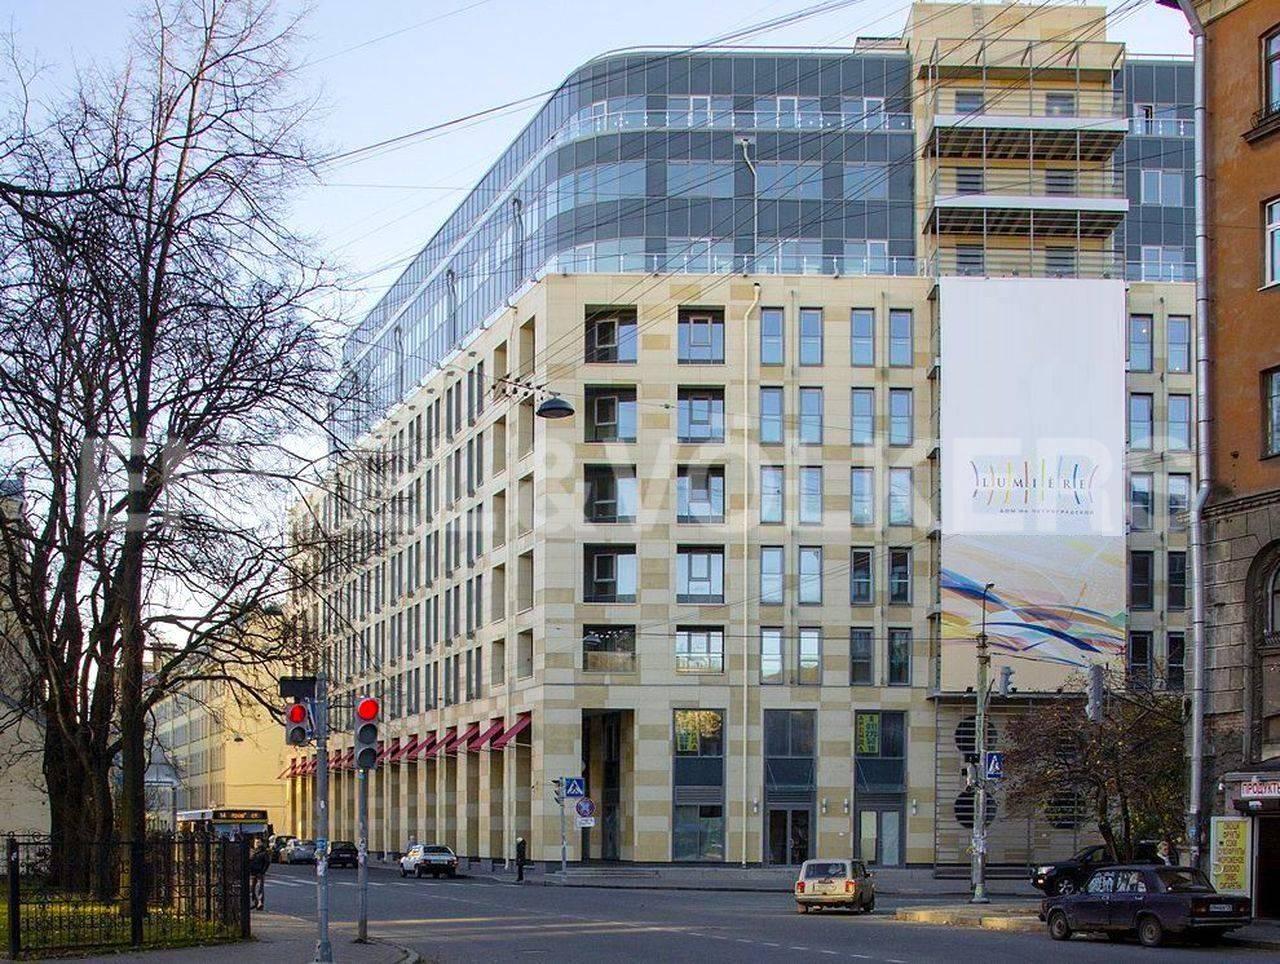 Элитные квартиры в Петроградском районе. Санкт-Петербург, Корпусная улица, 9. главная